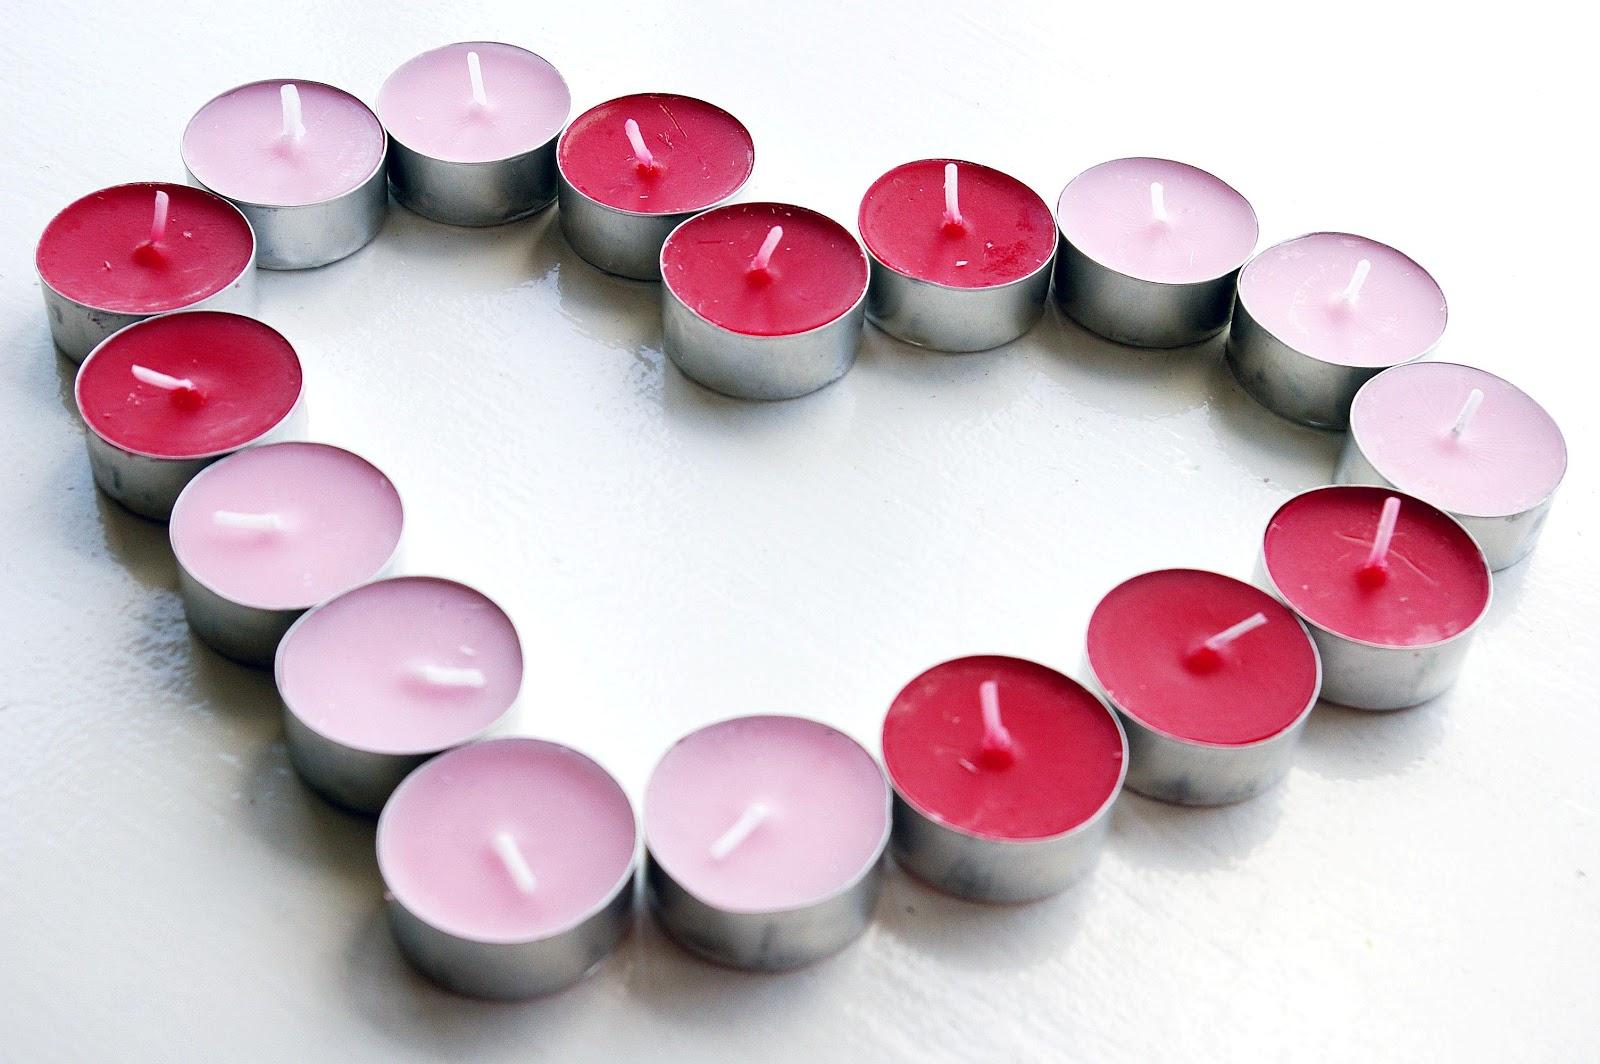 http://4.bp.blogspot.com/-SpJddn72IBE/TzlHrhSJwvI/AAAAAAAAGwg/jtP9mNz0_Fw/s1600/love-heart-from-article.jpg